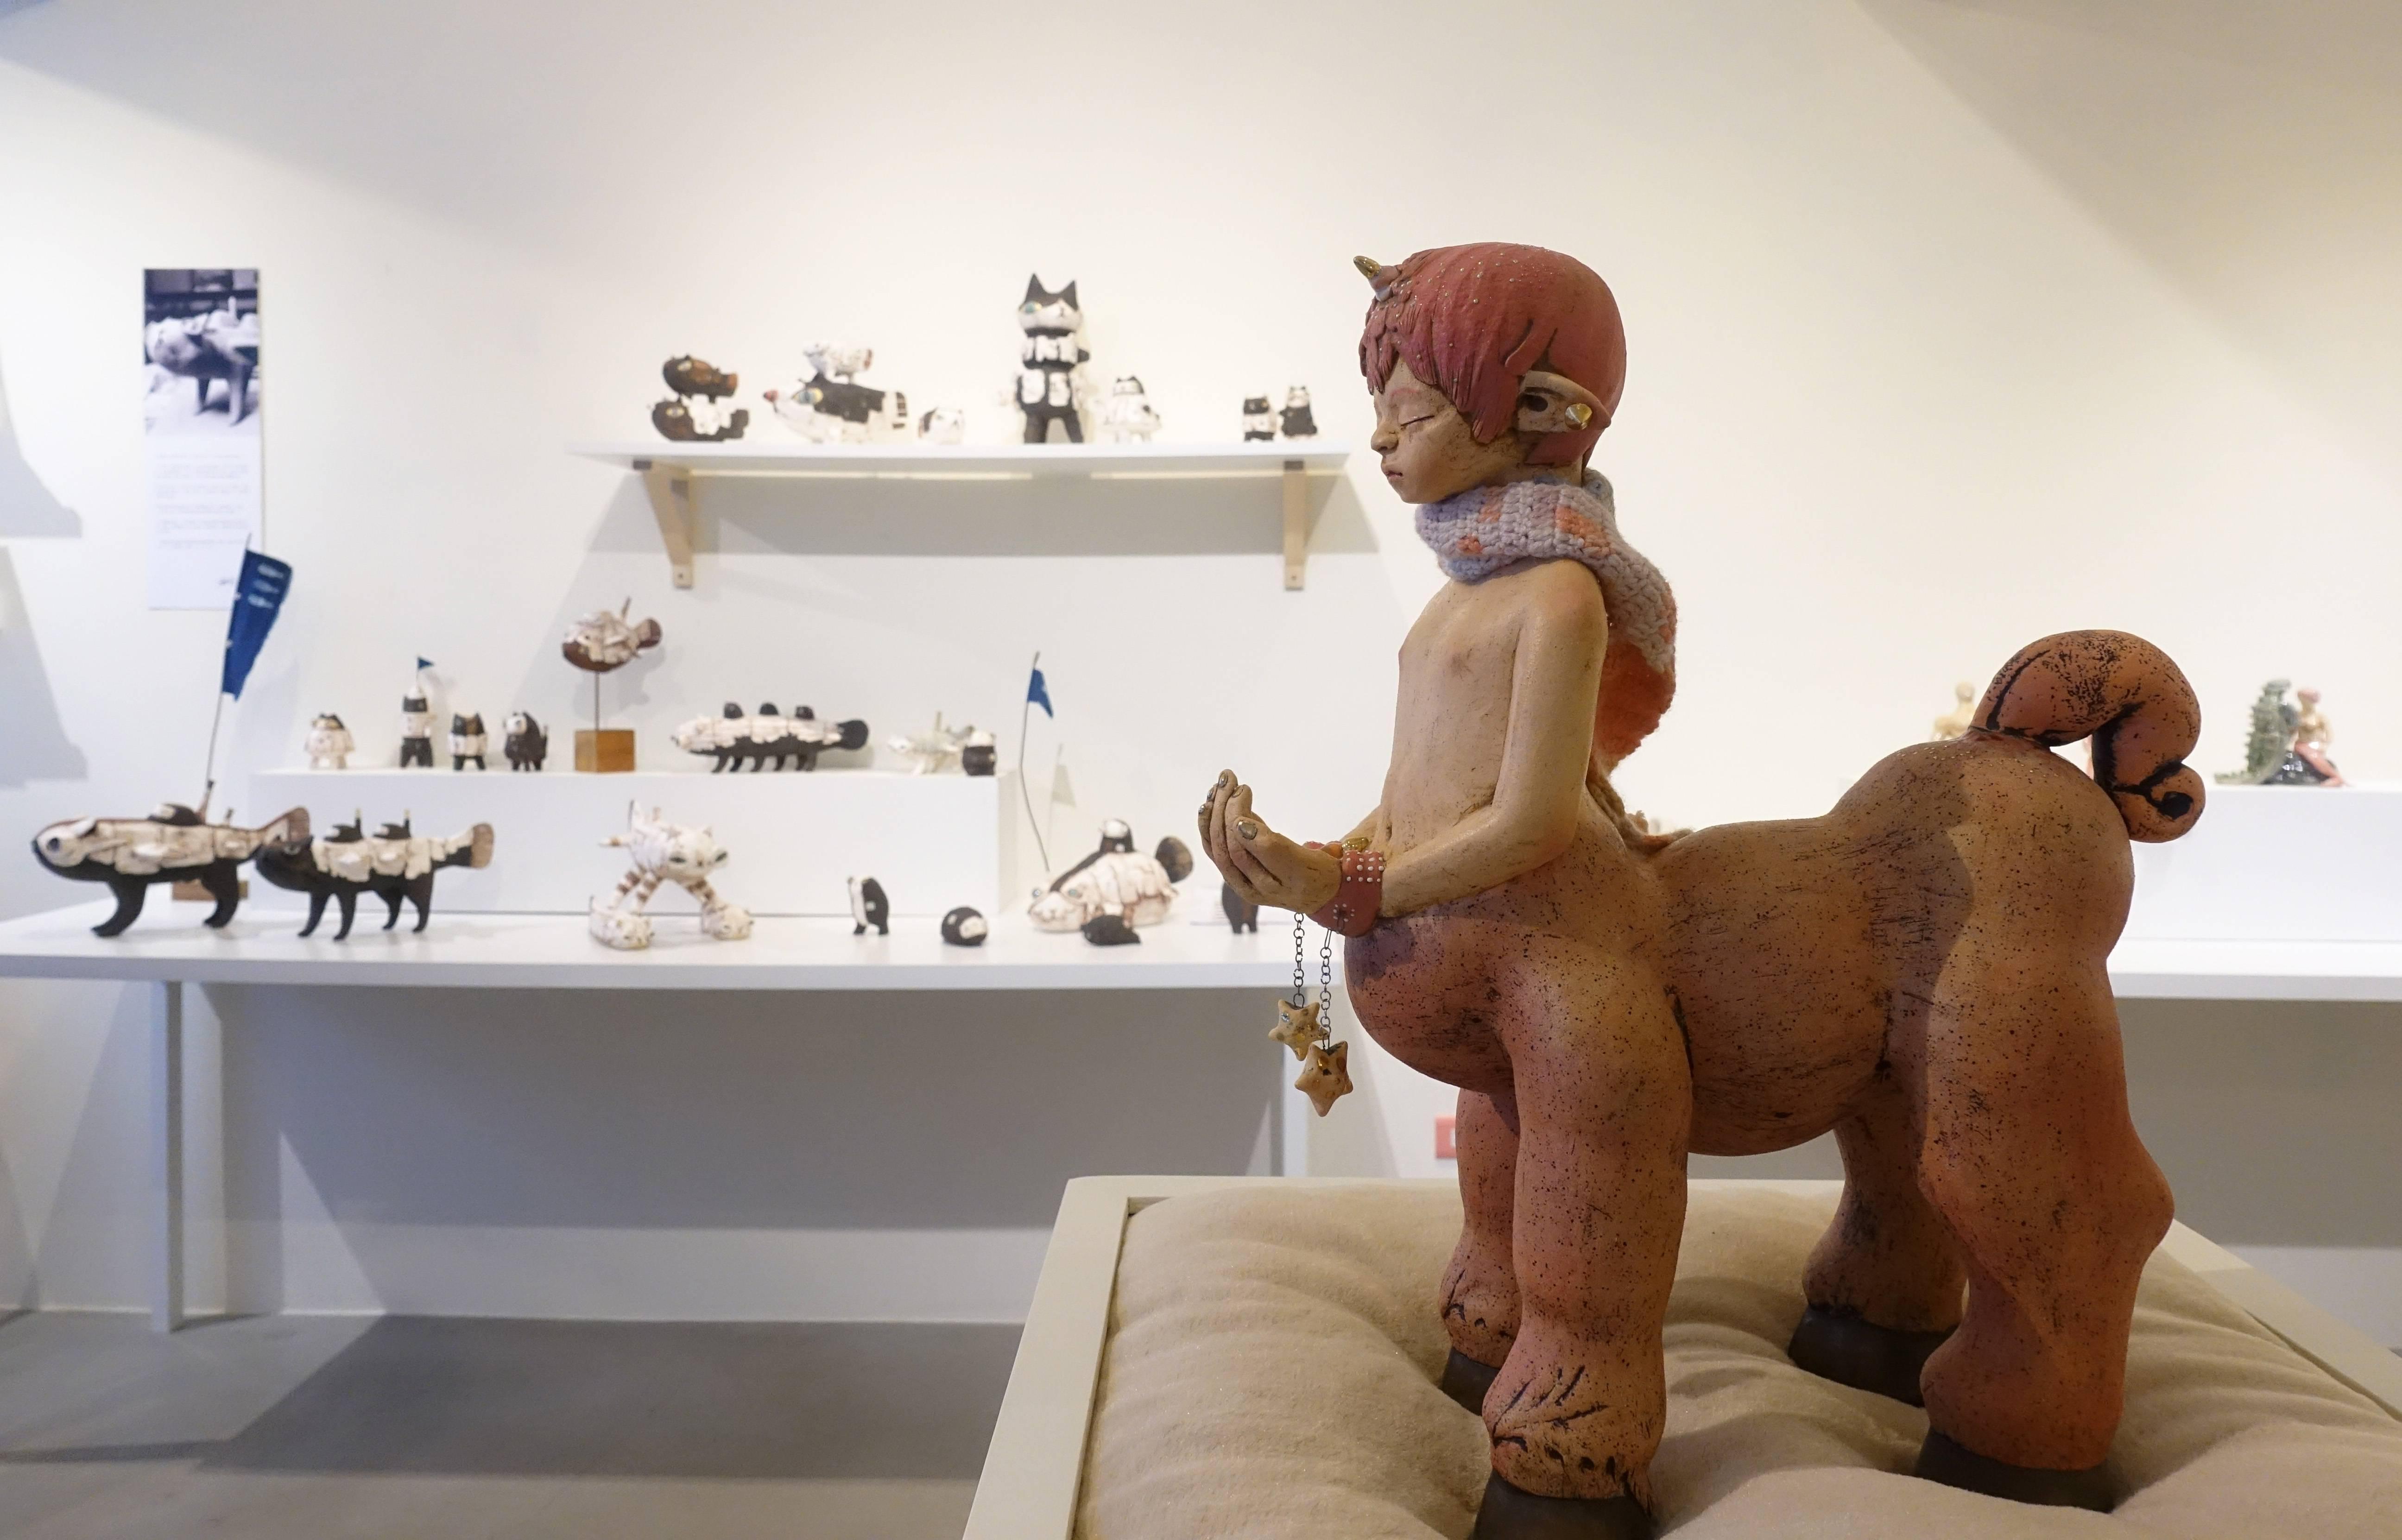 楊宗嘉,《童心未泯系列:獨角獸男孩》,雕塑土、色料、釉下彩、釉上彩、1200度氧化燒成、樹脂、鎳絡絲、毛線,38cmx16cmx45cm,2018。